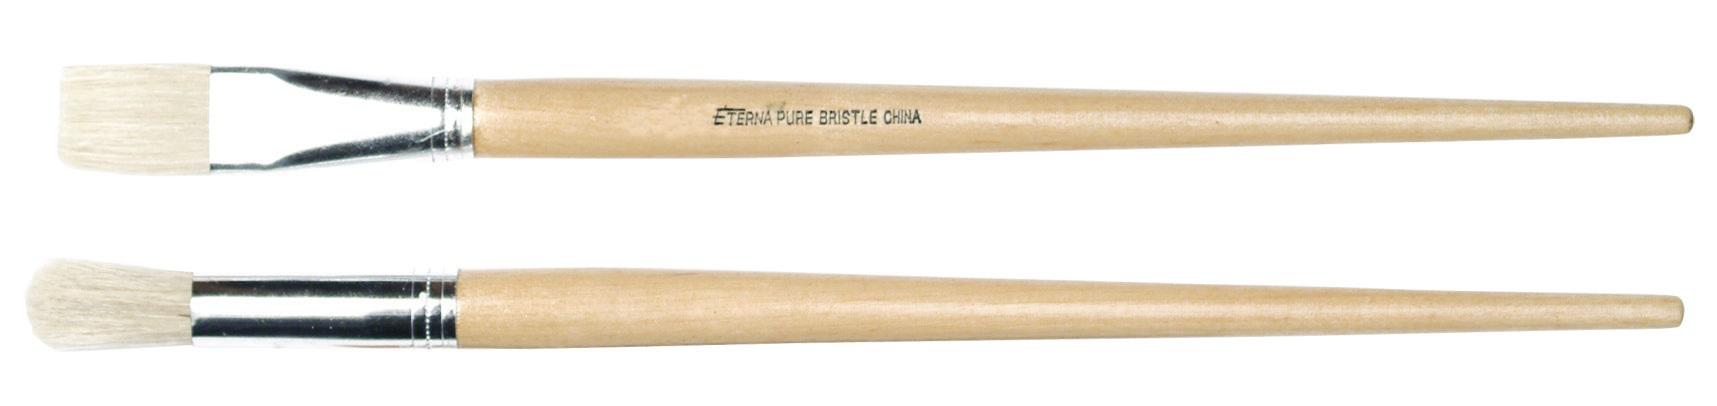 No.12 Round Hog Brush